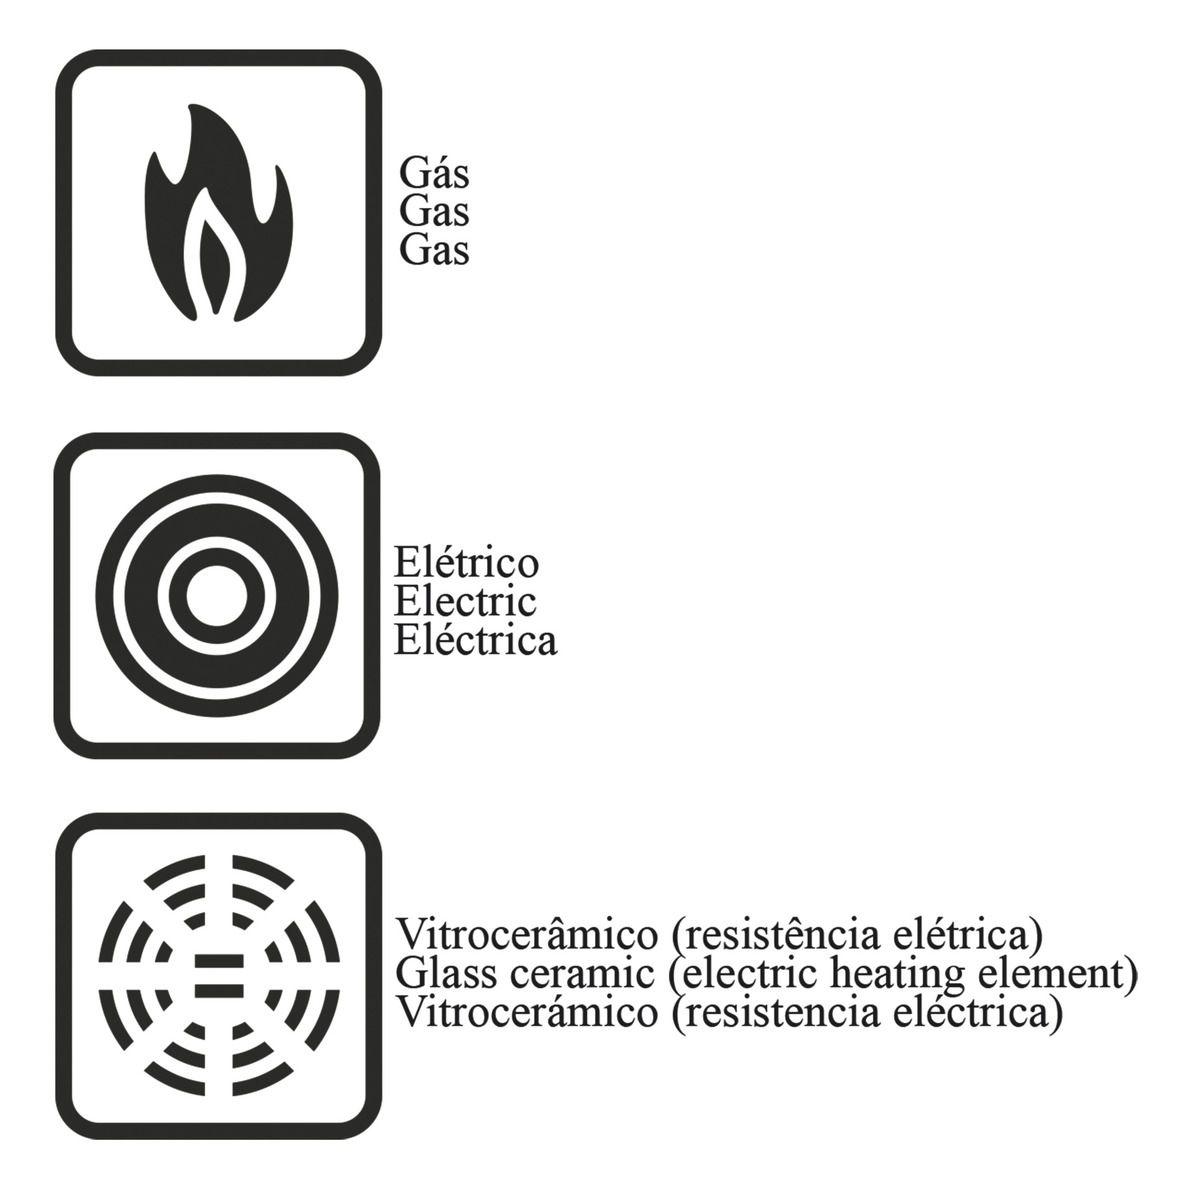 Chaleira de alumínio com revestimento interno de antiaderente Ø10cm 20550/610 | Lojas Estrela